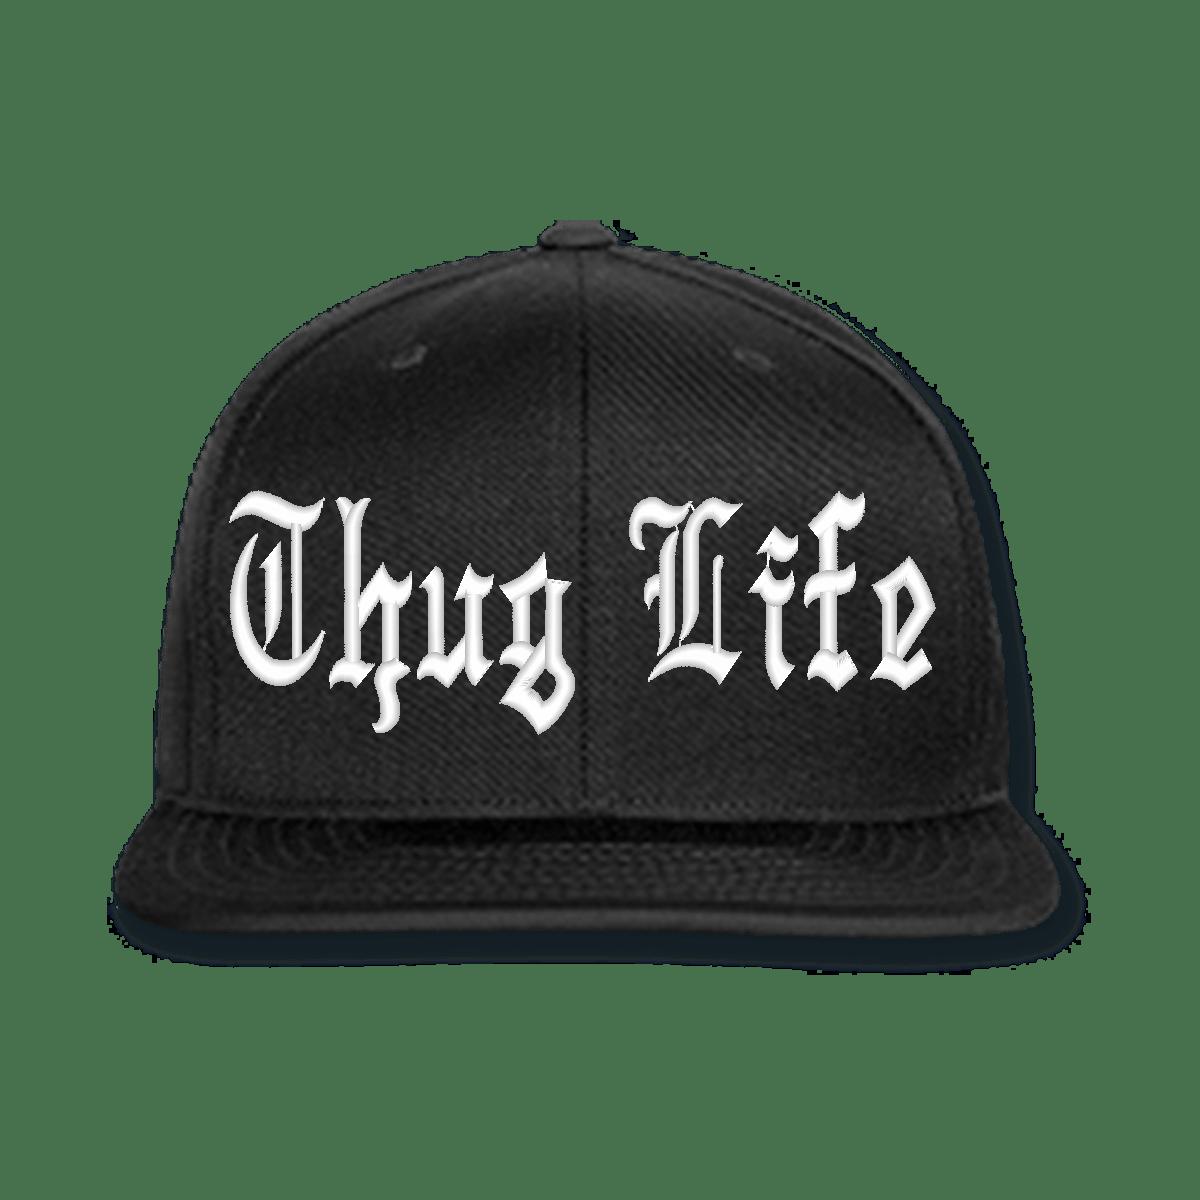 9cf6523136072 Thug Life Black Cap transparent PNG - StickPNG